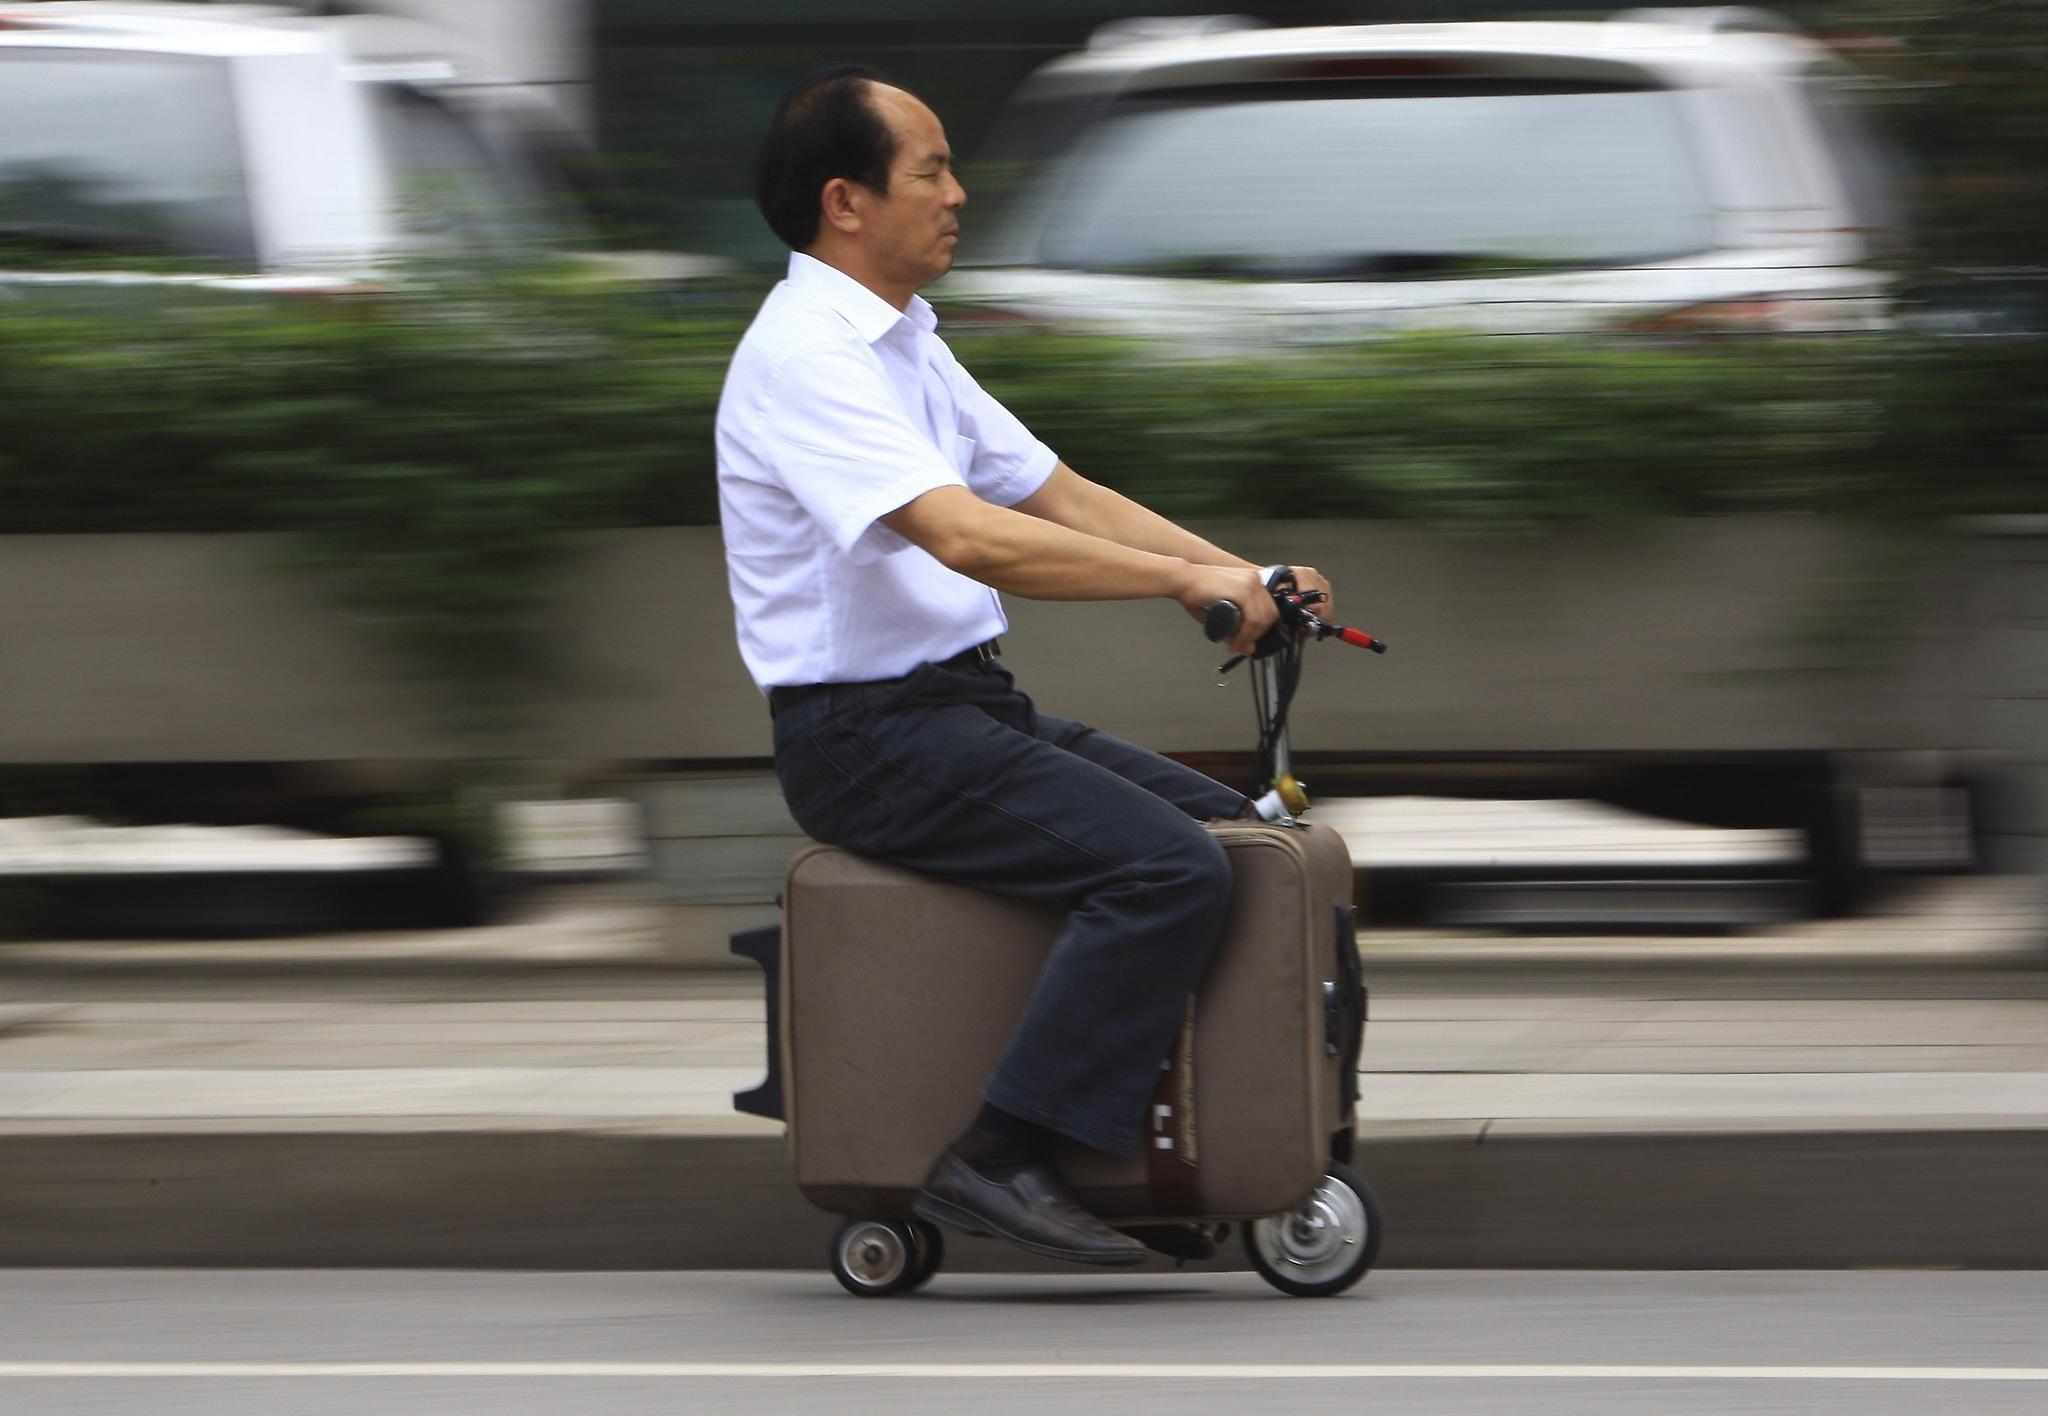 чемодан-скутер.